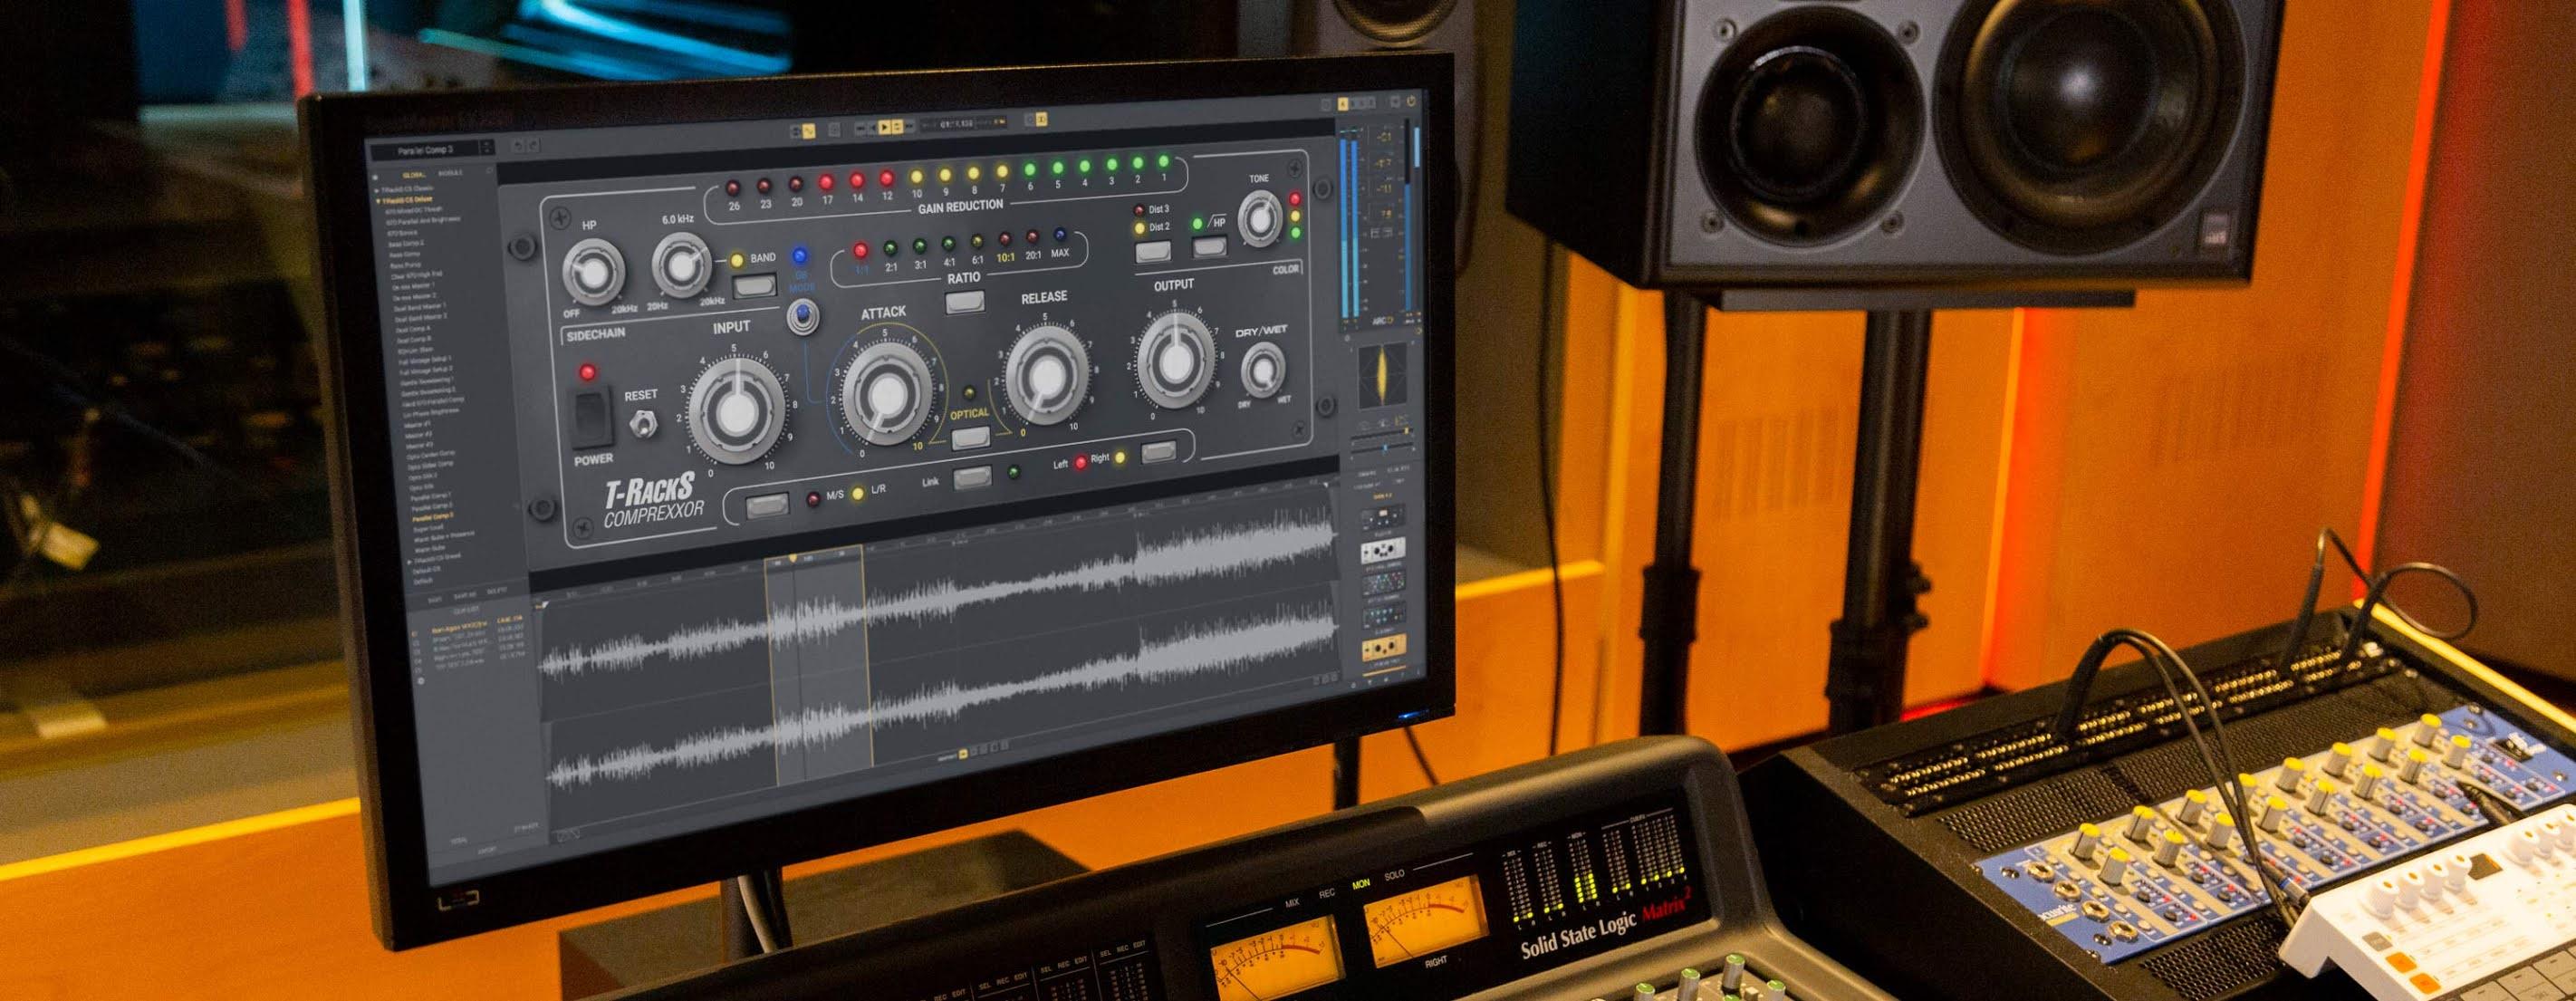 IK Multimedia releases T-RackS Comprexxor